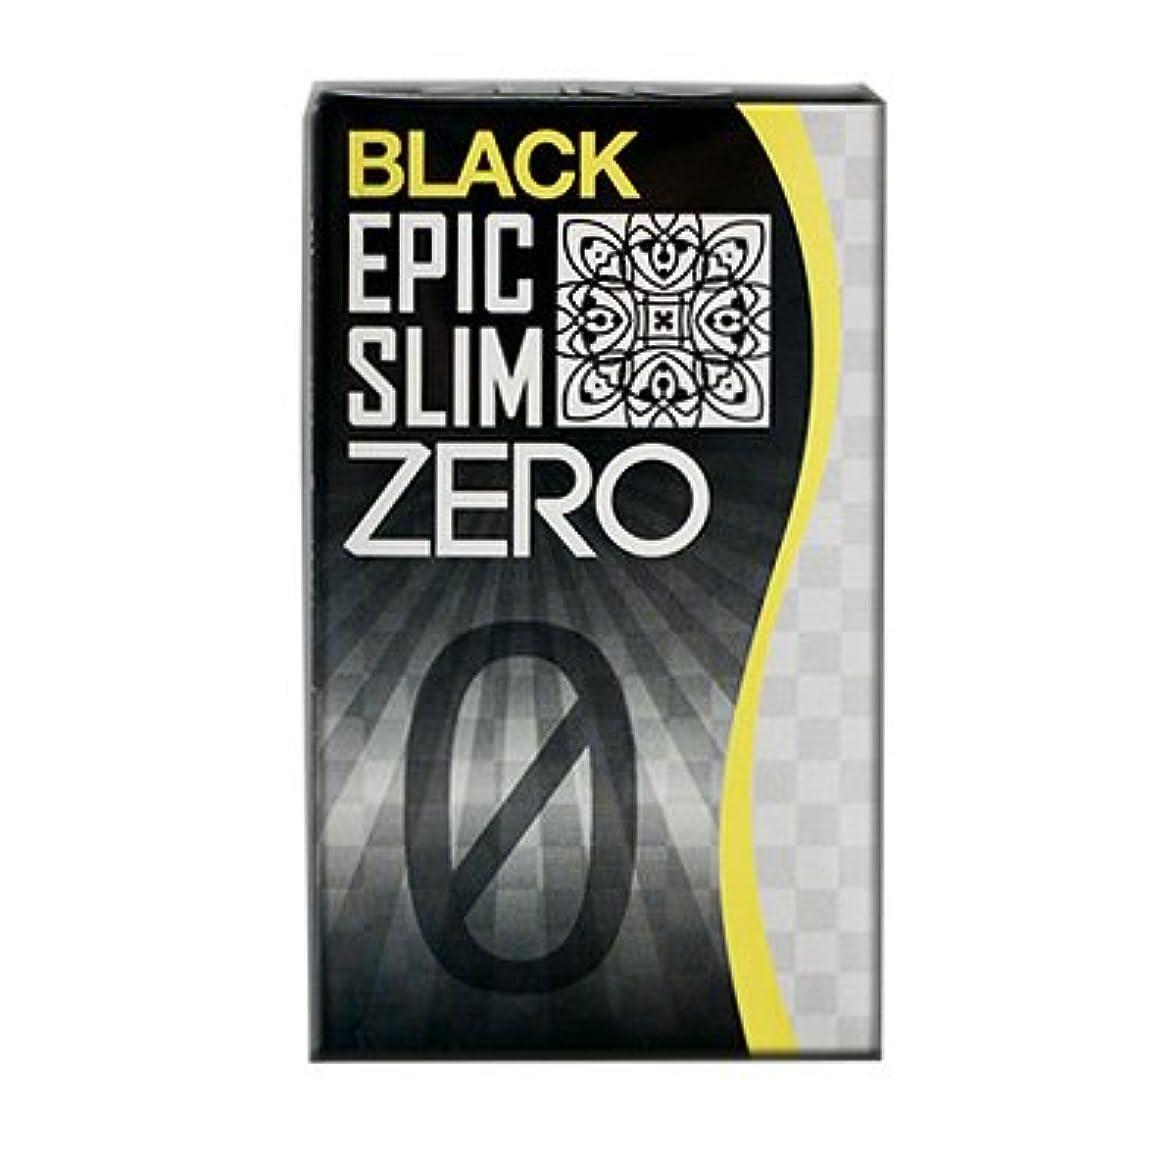 疾患大型トラックアナウンサーブラック エピックスリム ゼロ ブラック Epic Slim ZERO BLACK